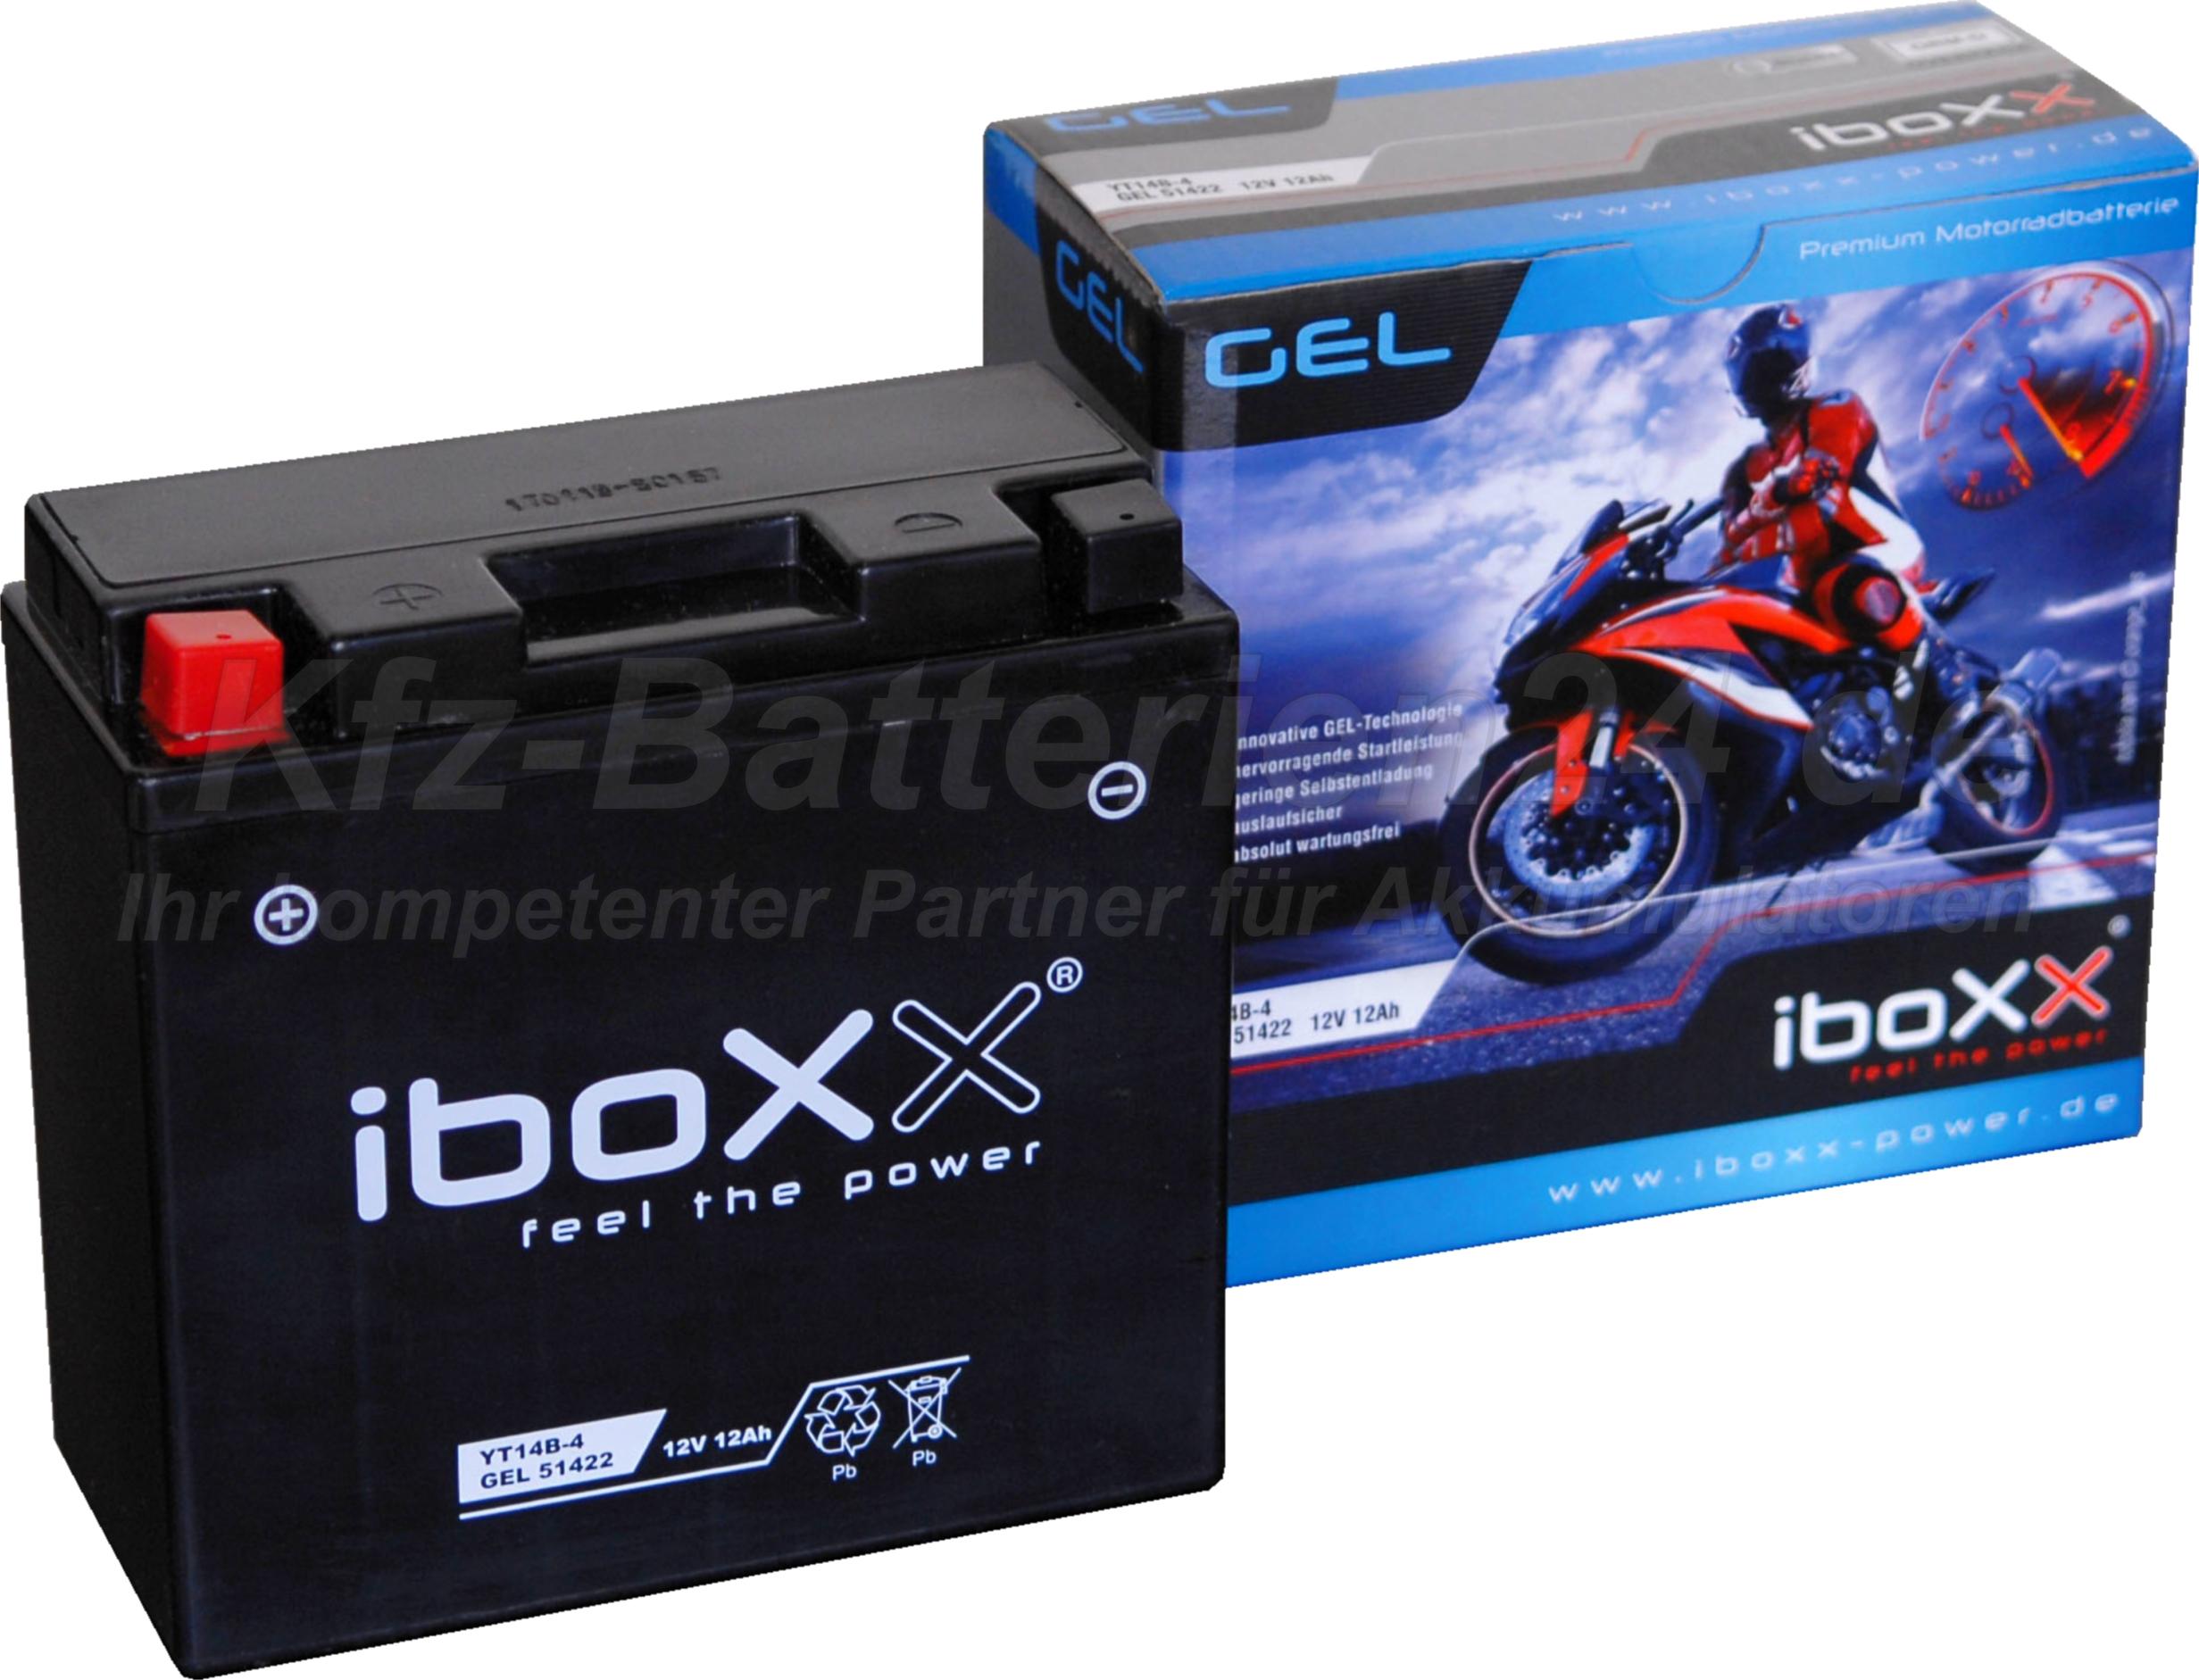 GEL Motorradbatterie 12V 12Ah 51422 YT1B-4